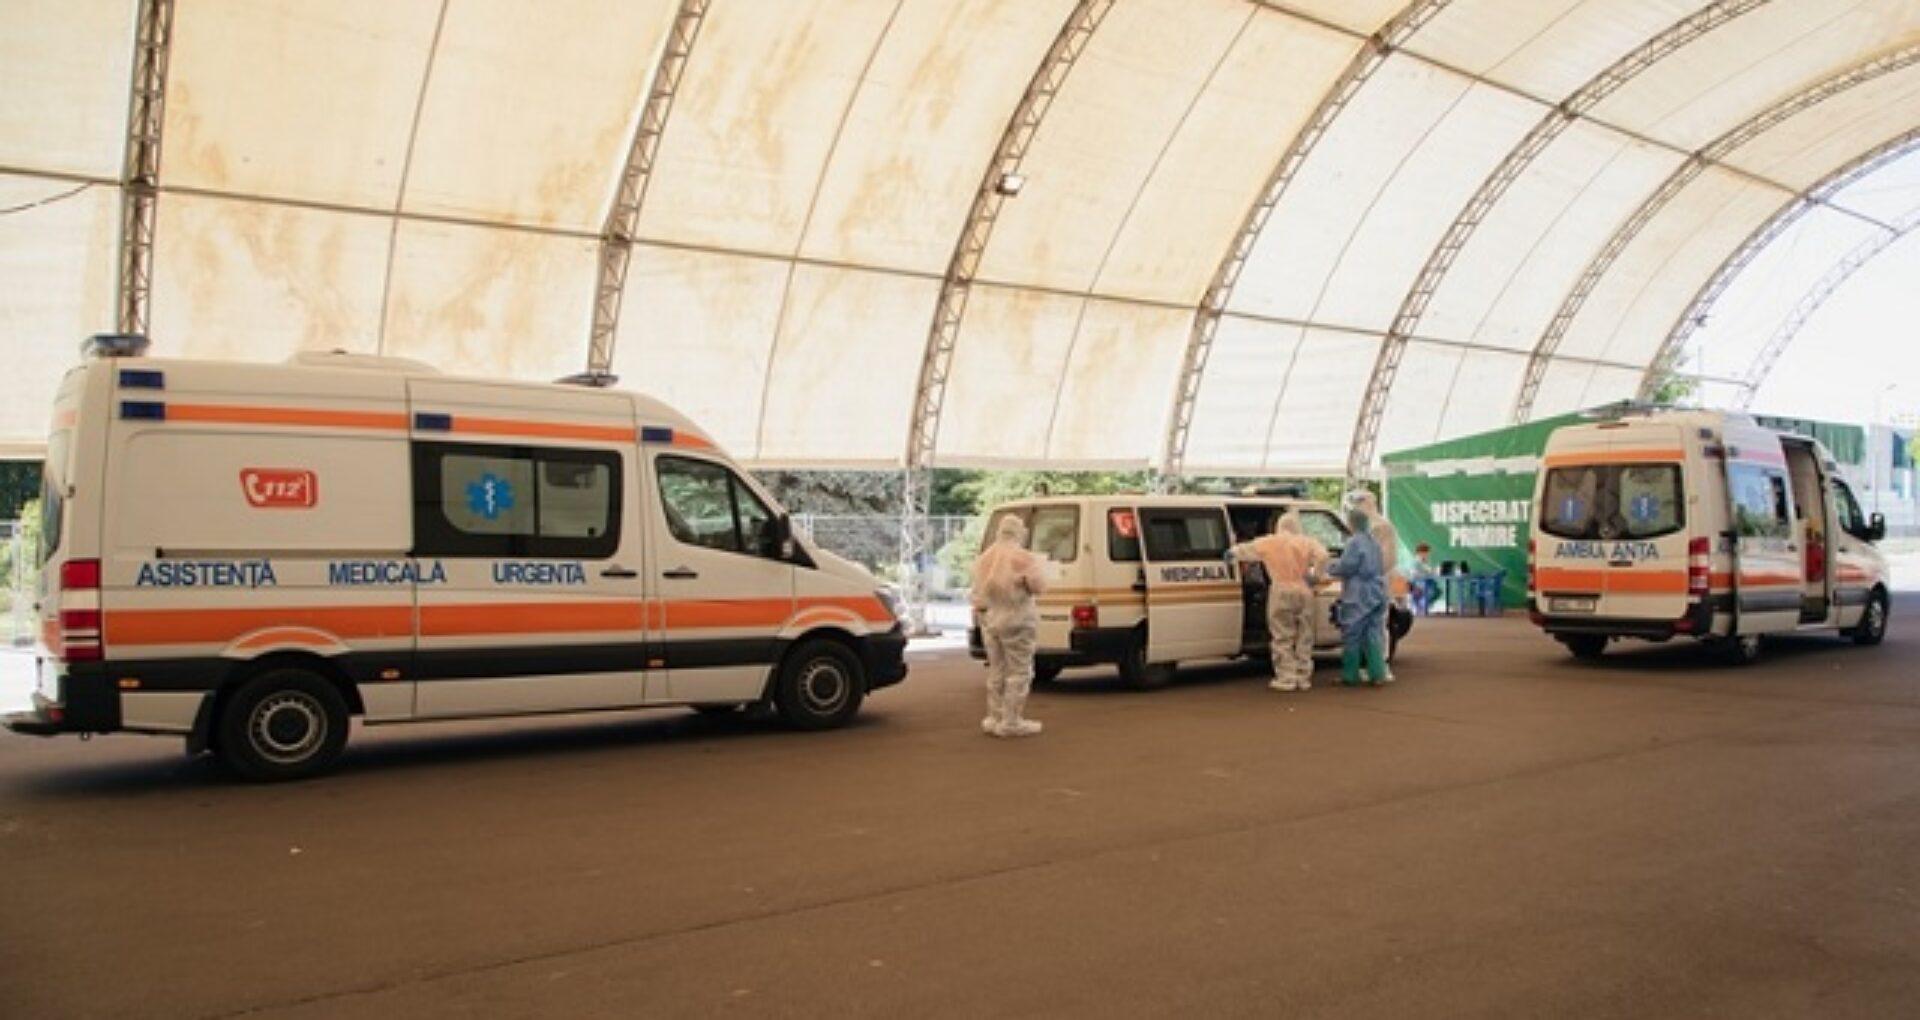 Guvernul a extins până la 31 octombrie termenul de aplicare a unor măsuri necesare prevenirii și controlului infecției COVID-19. Principalele prevederi